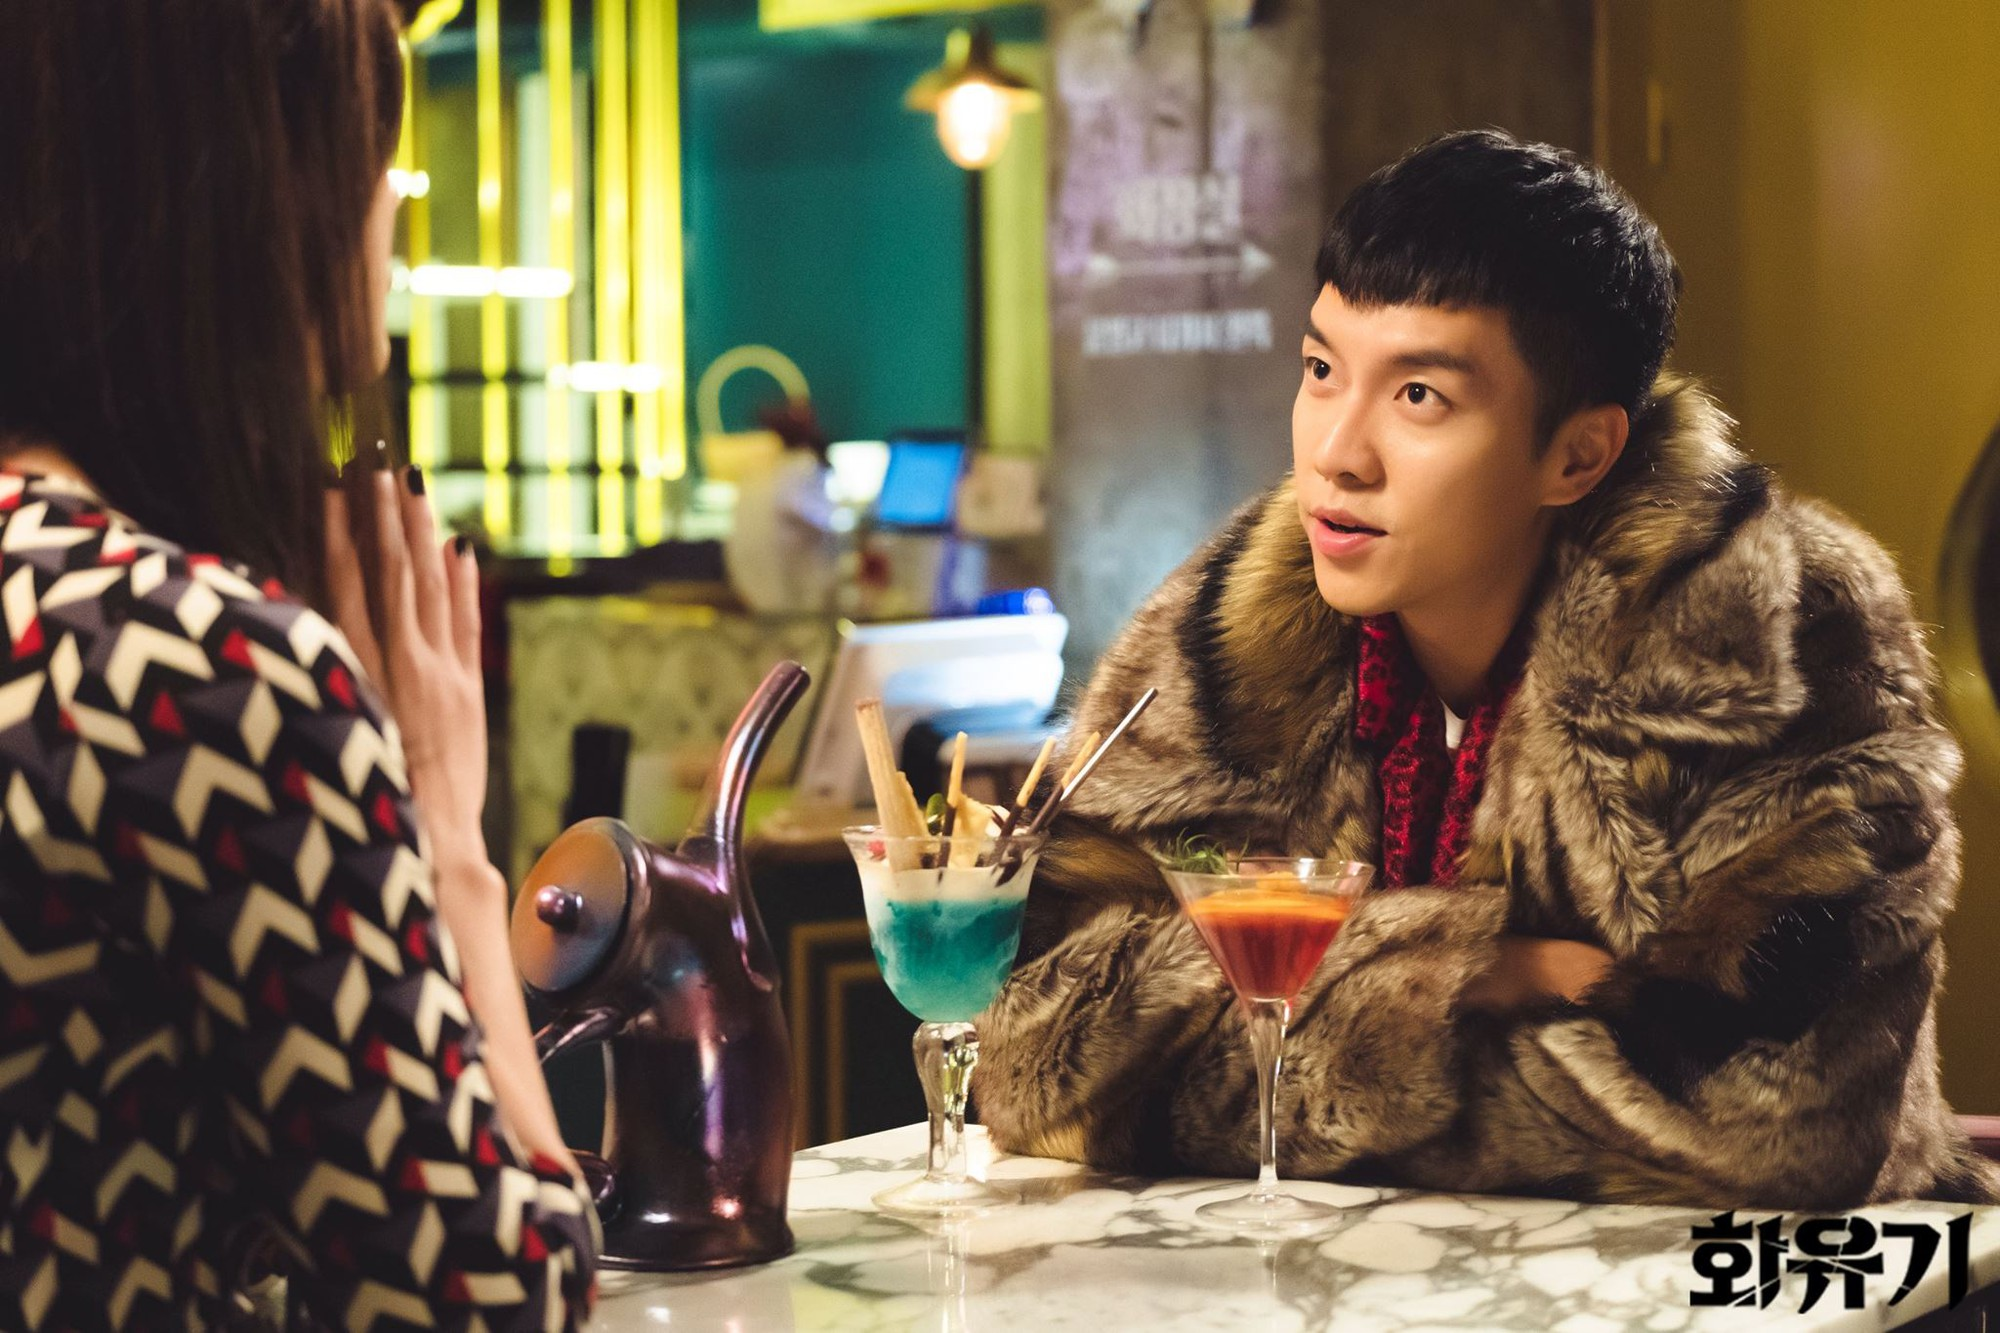 Nghịch lí sao Hàn: Tài sắc bình thường vẫn nổi đình đám, đẹp cực phẩm, đóng phim hay lại chìm nghỉm - Ảnh 1.